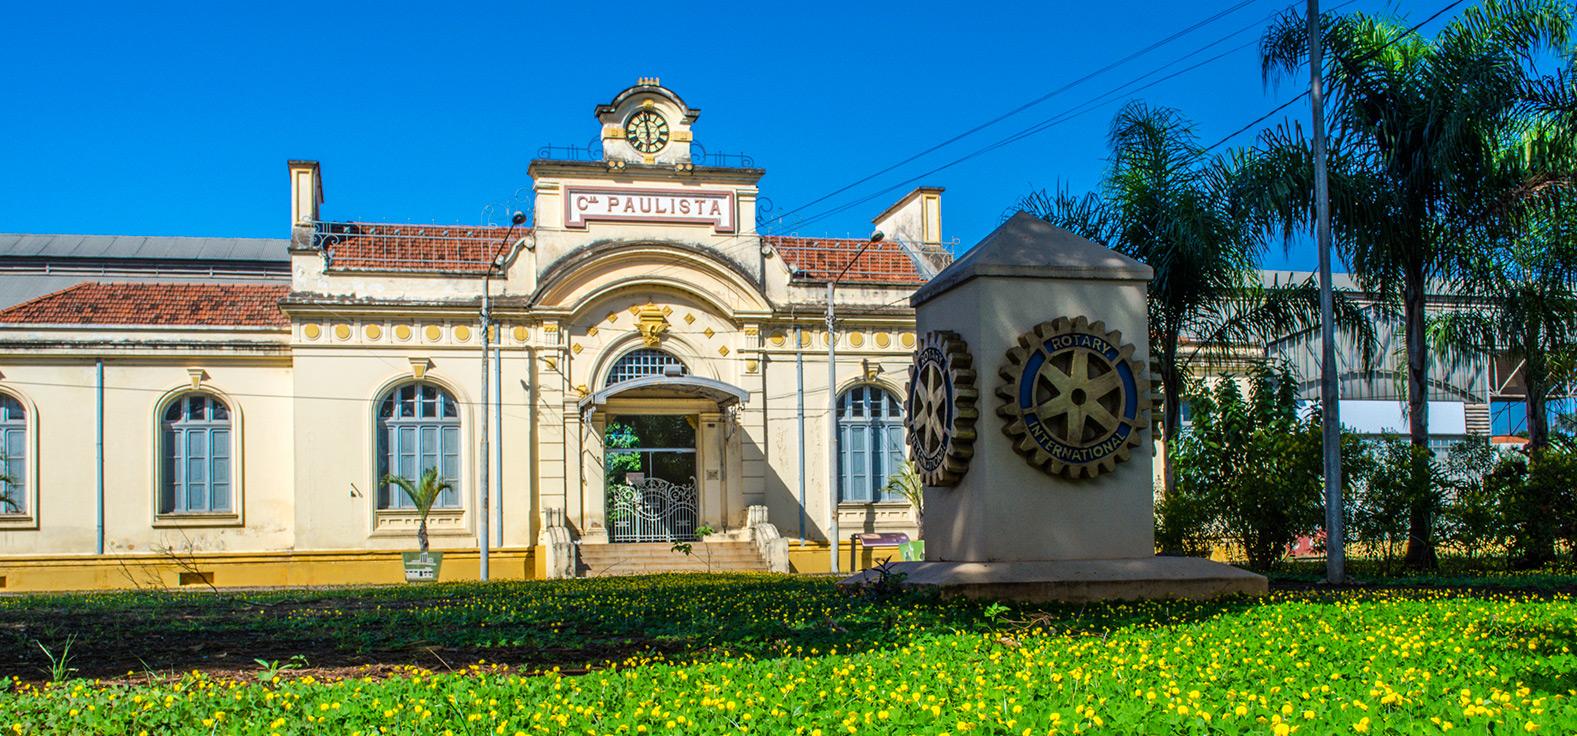 Estação da Paulista em Piracicaba | Portal Serra do Itaquerí